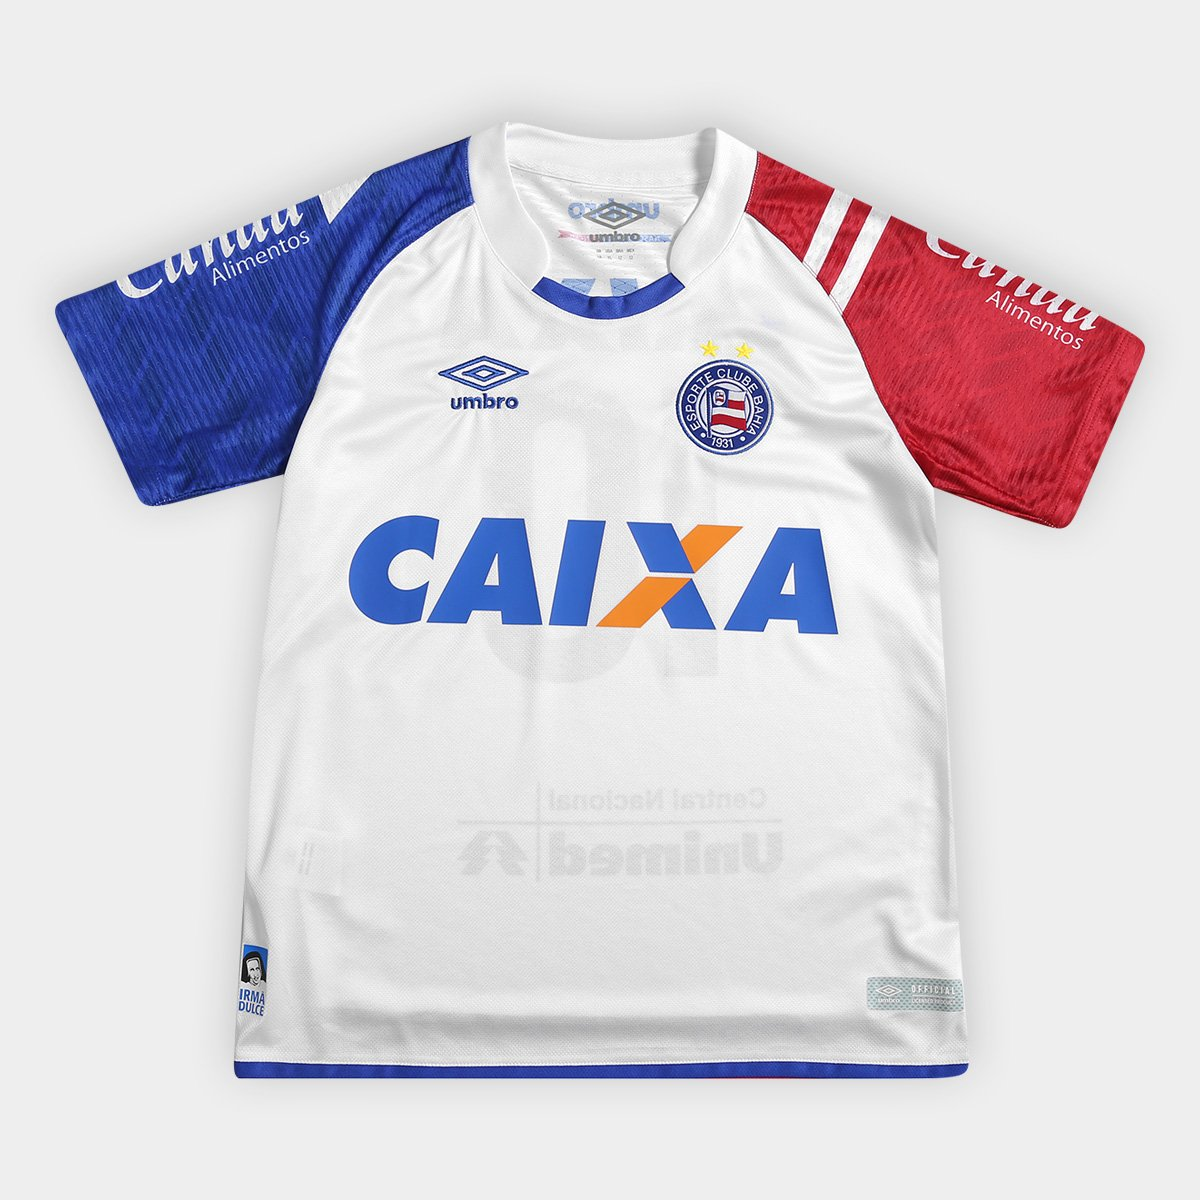 I Azul Bahia Juvenil Camisa nº 17 Umbro 10 18 e Branco Torcedor xEPw6w